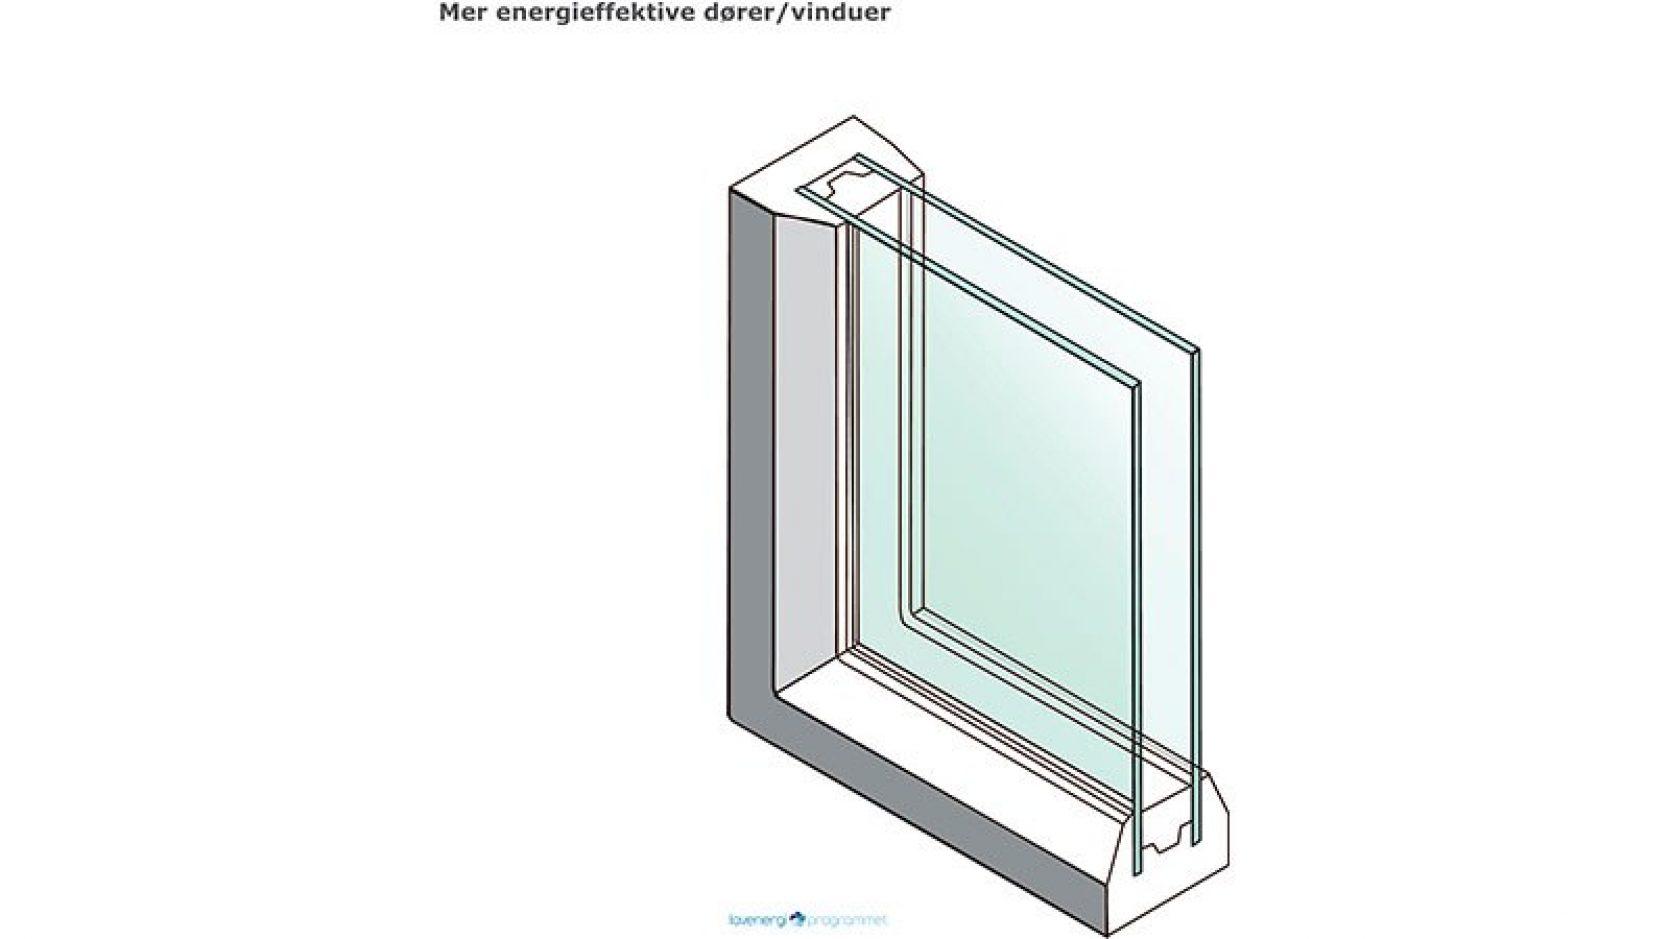 Energieffektivt vindu